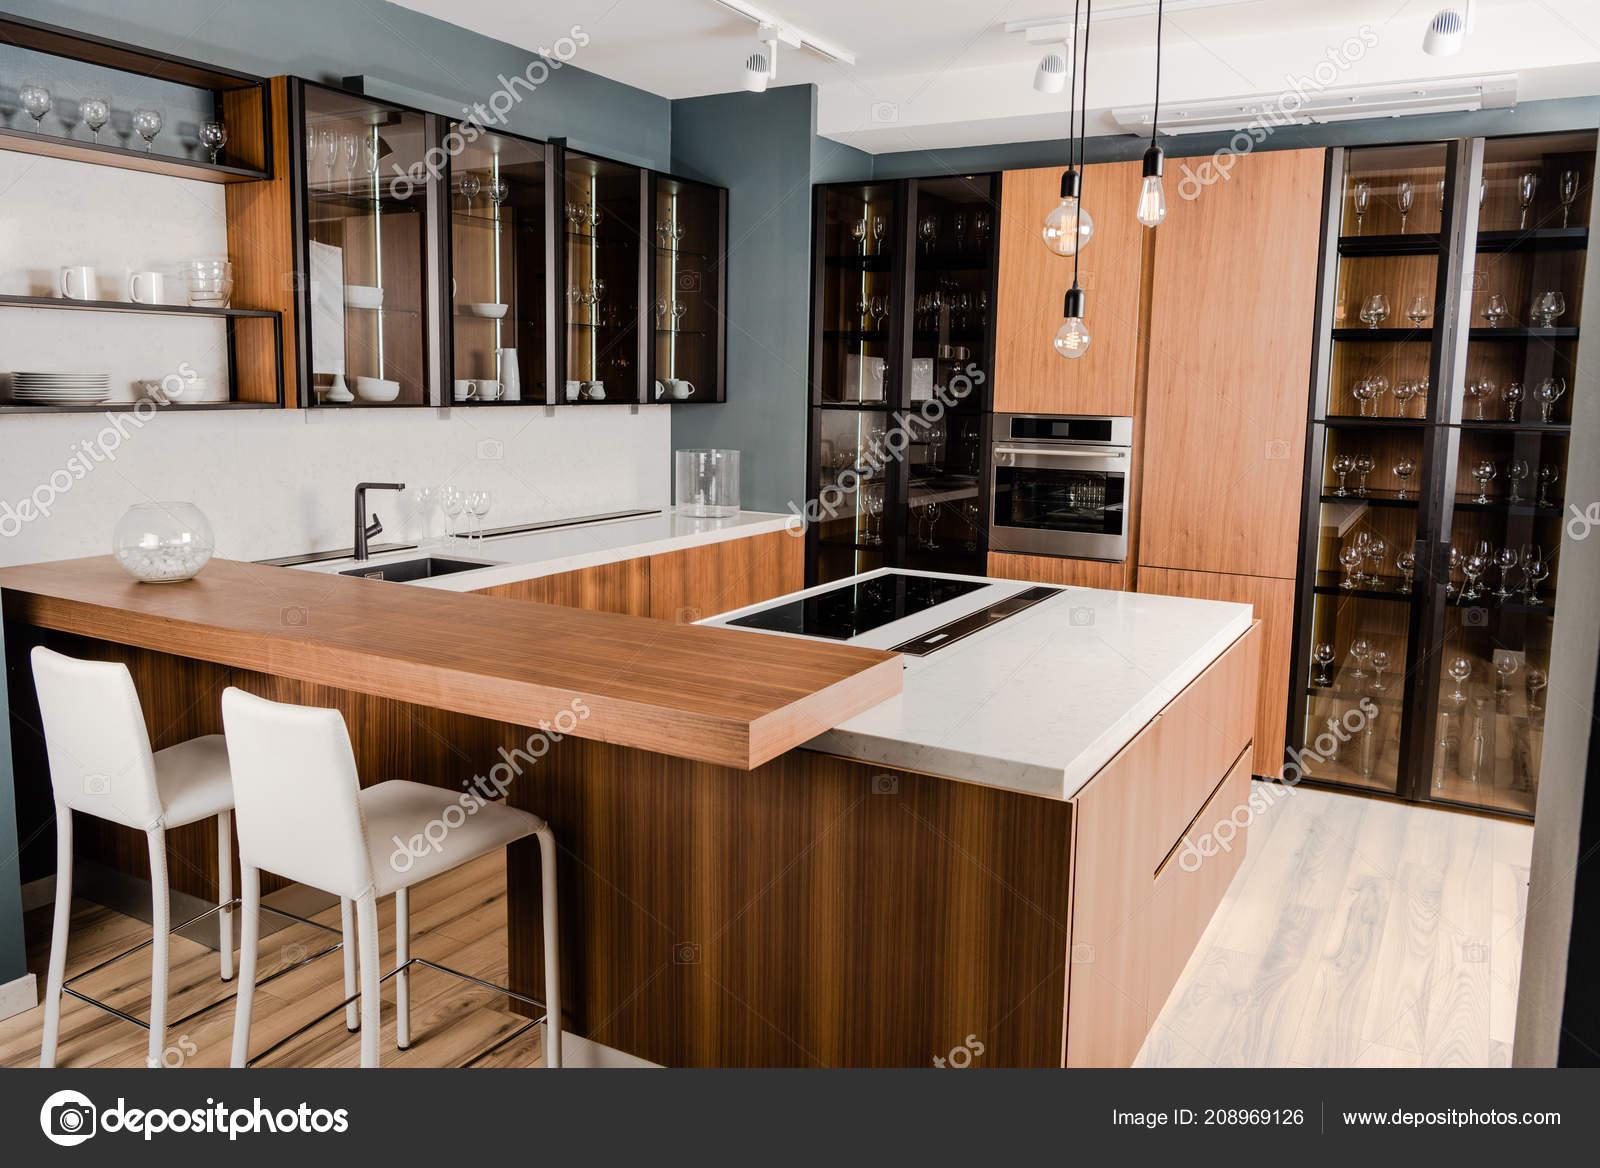 Wnętrze Luxury Drewniane Kuchnia Wygodnymi Meblami Wiele